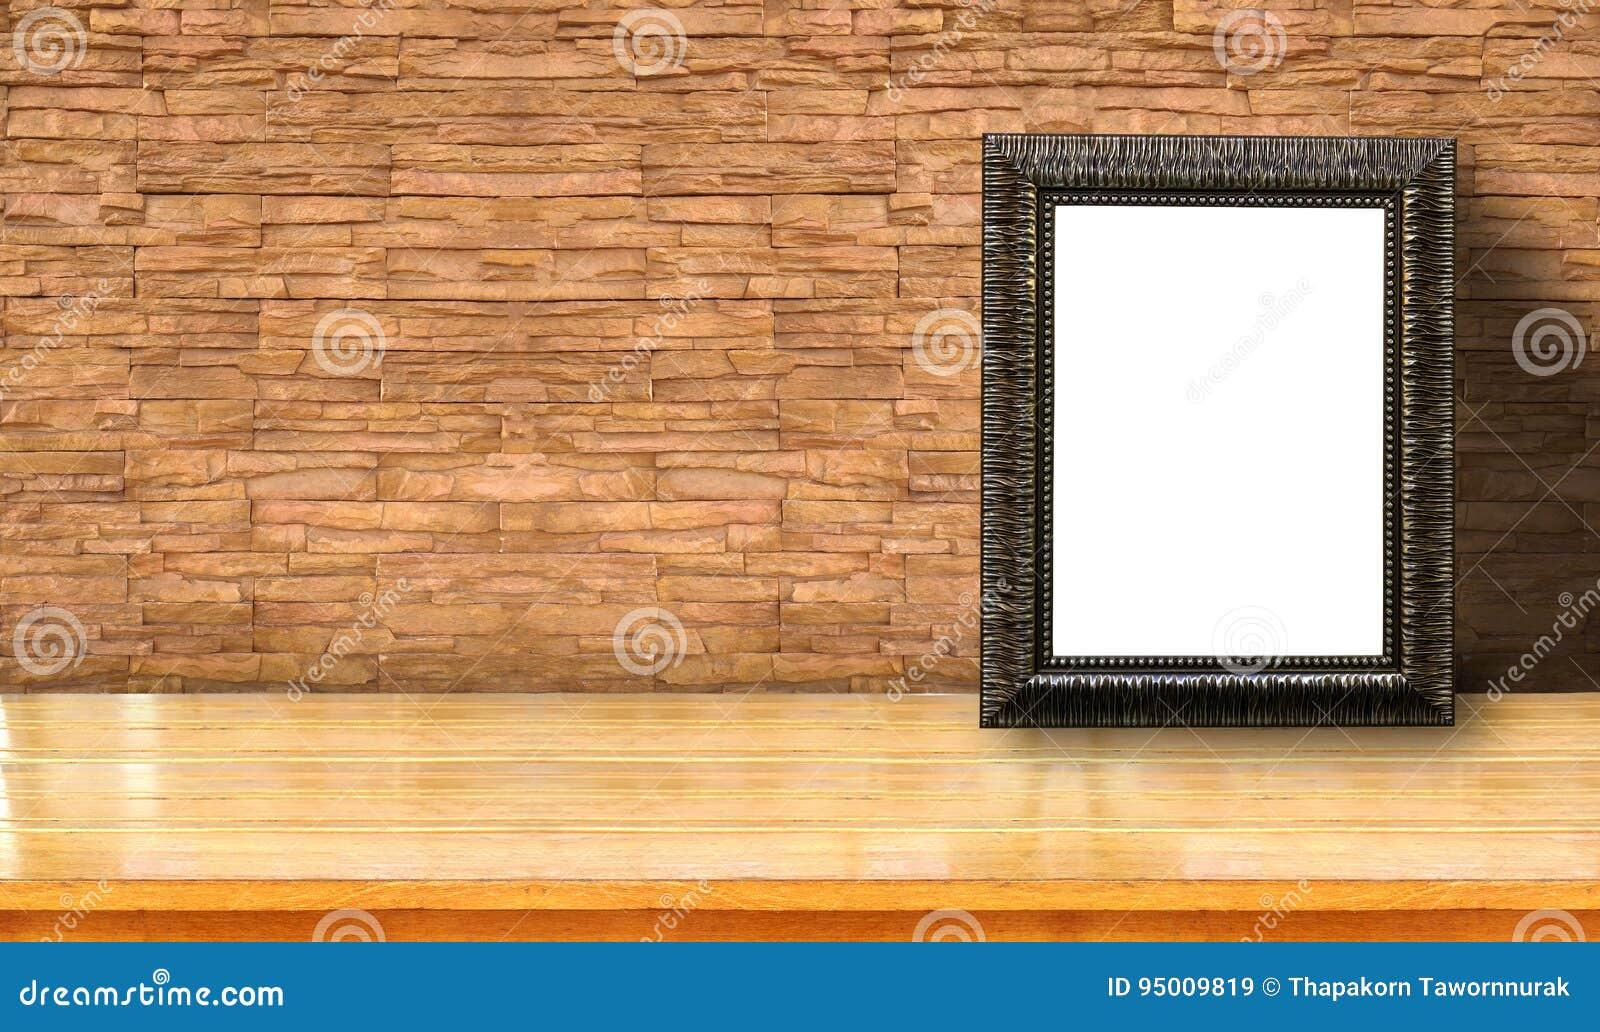 Bilderrahmen Auf Ziegelstein Stockbild - Bild von hängen, abbildung ...